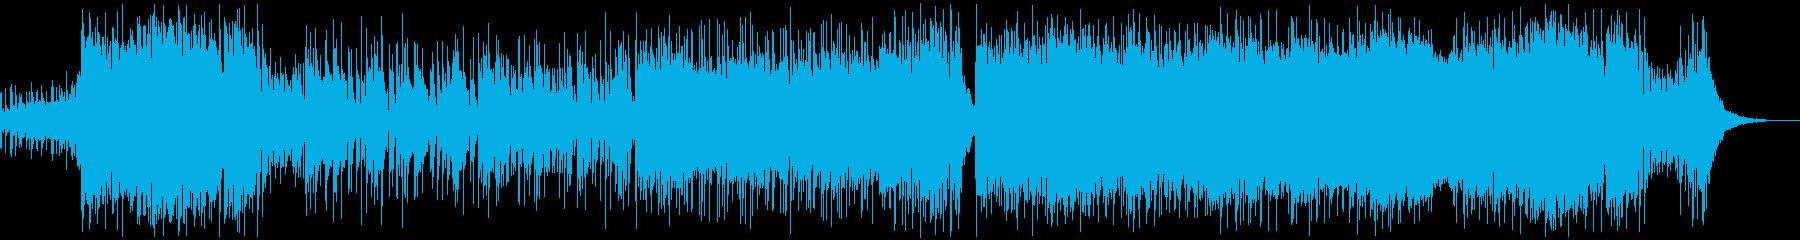 熱い縦ノリなロックの再生済みの波形